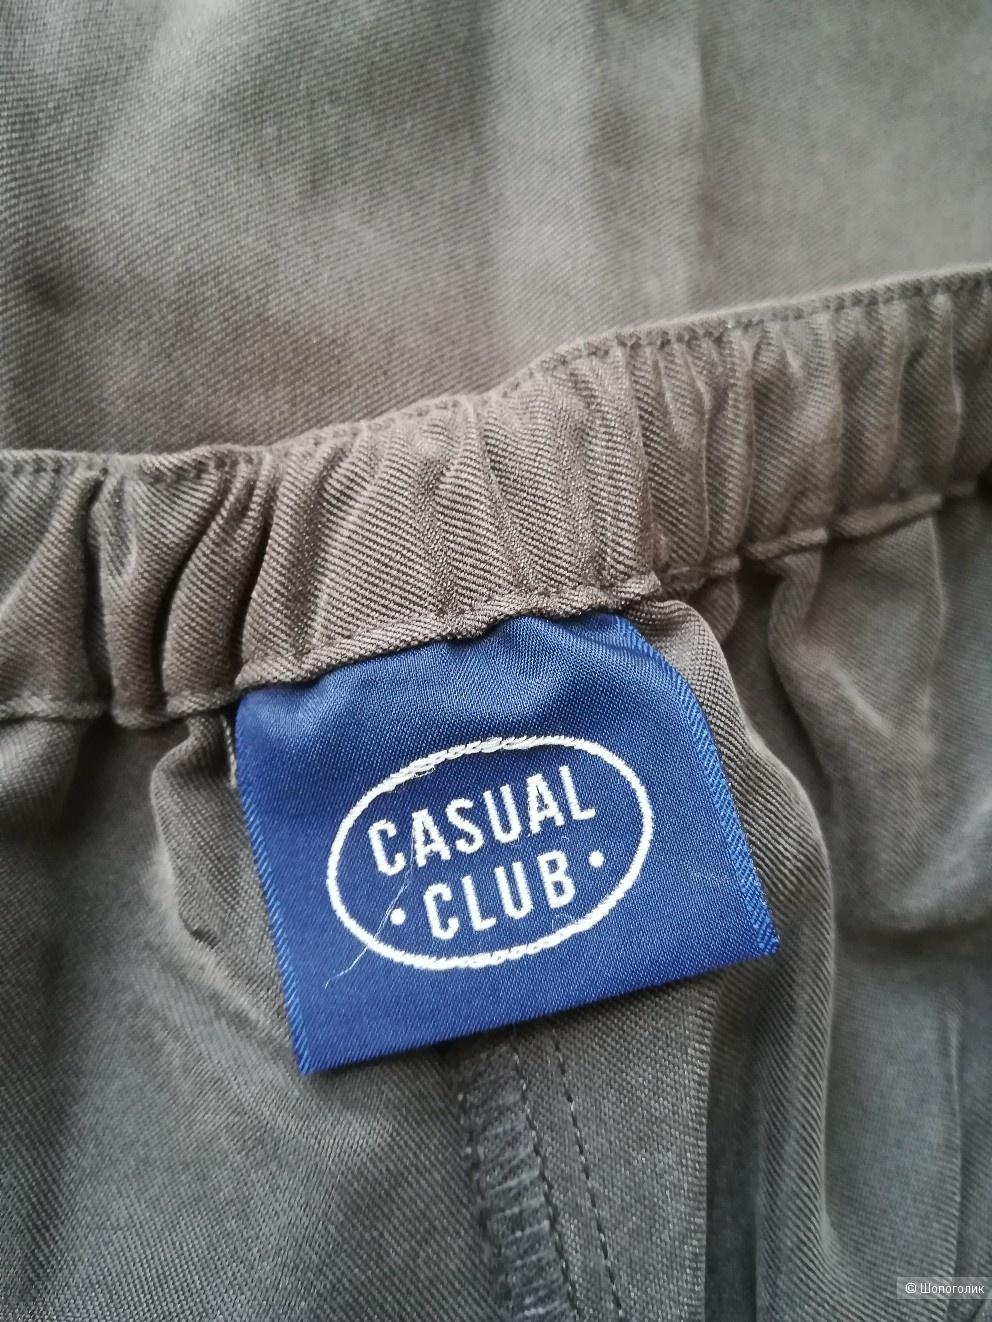 Шорты Casual club, размер 44-46